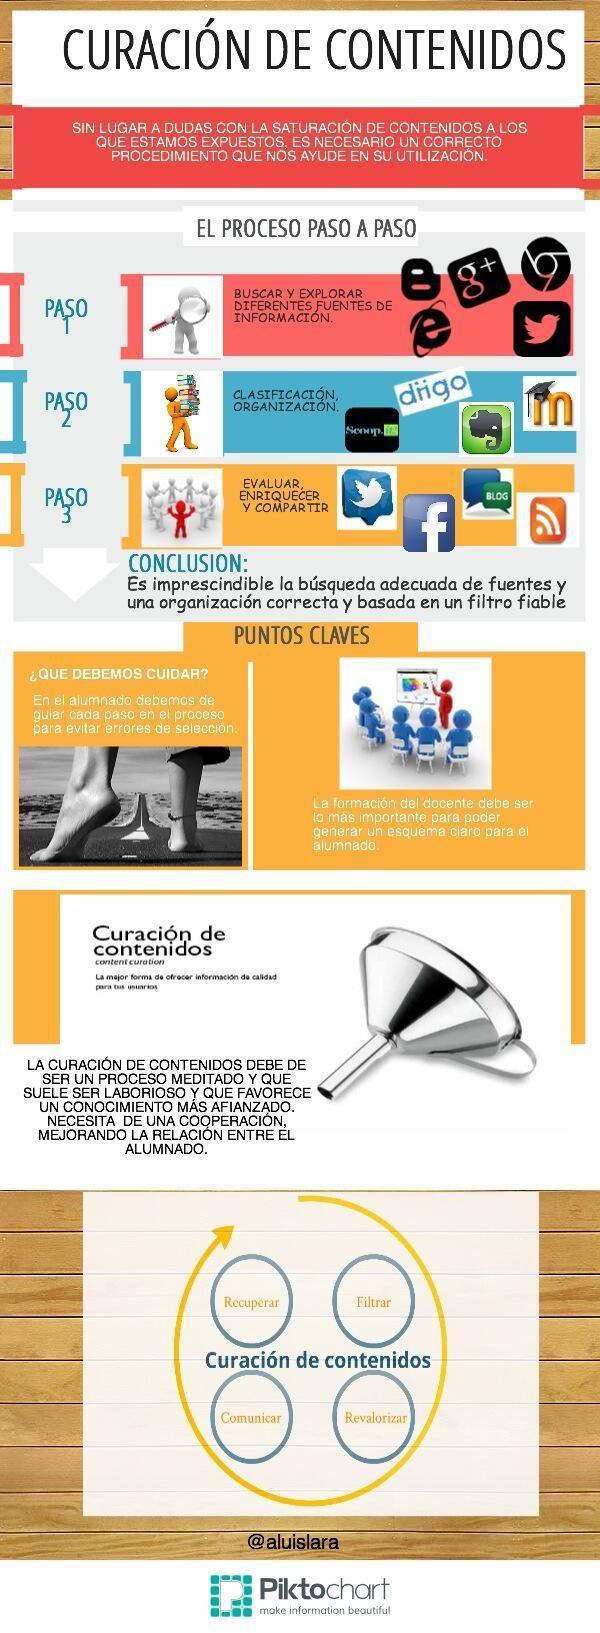 Curación de contenidos #infografia #infographic #marketing